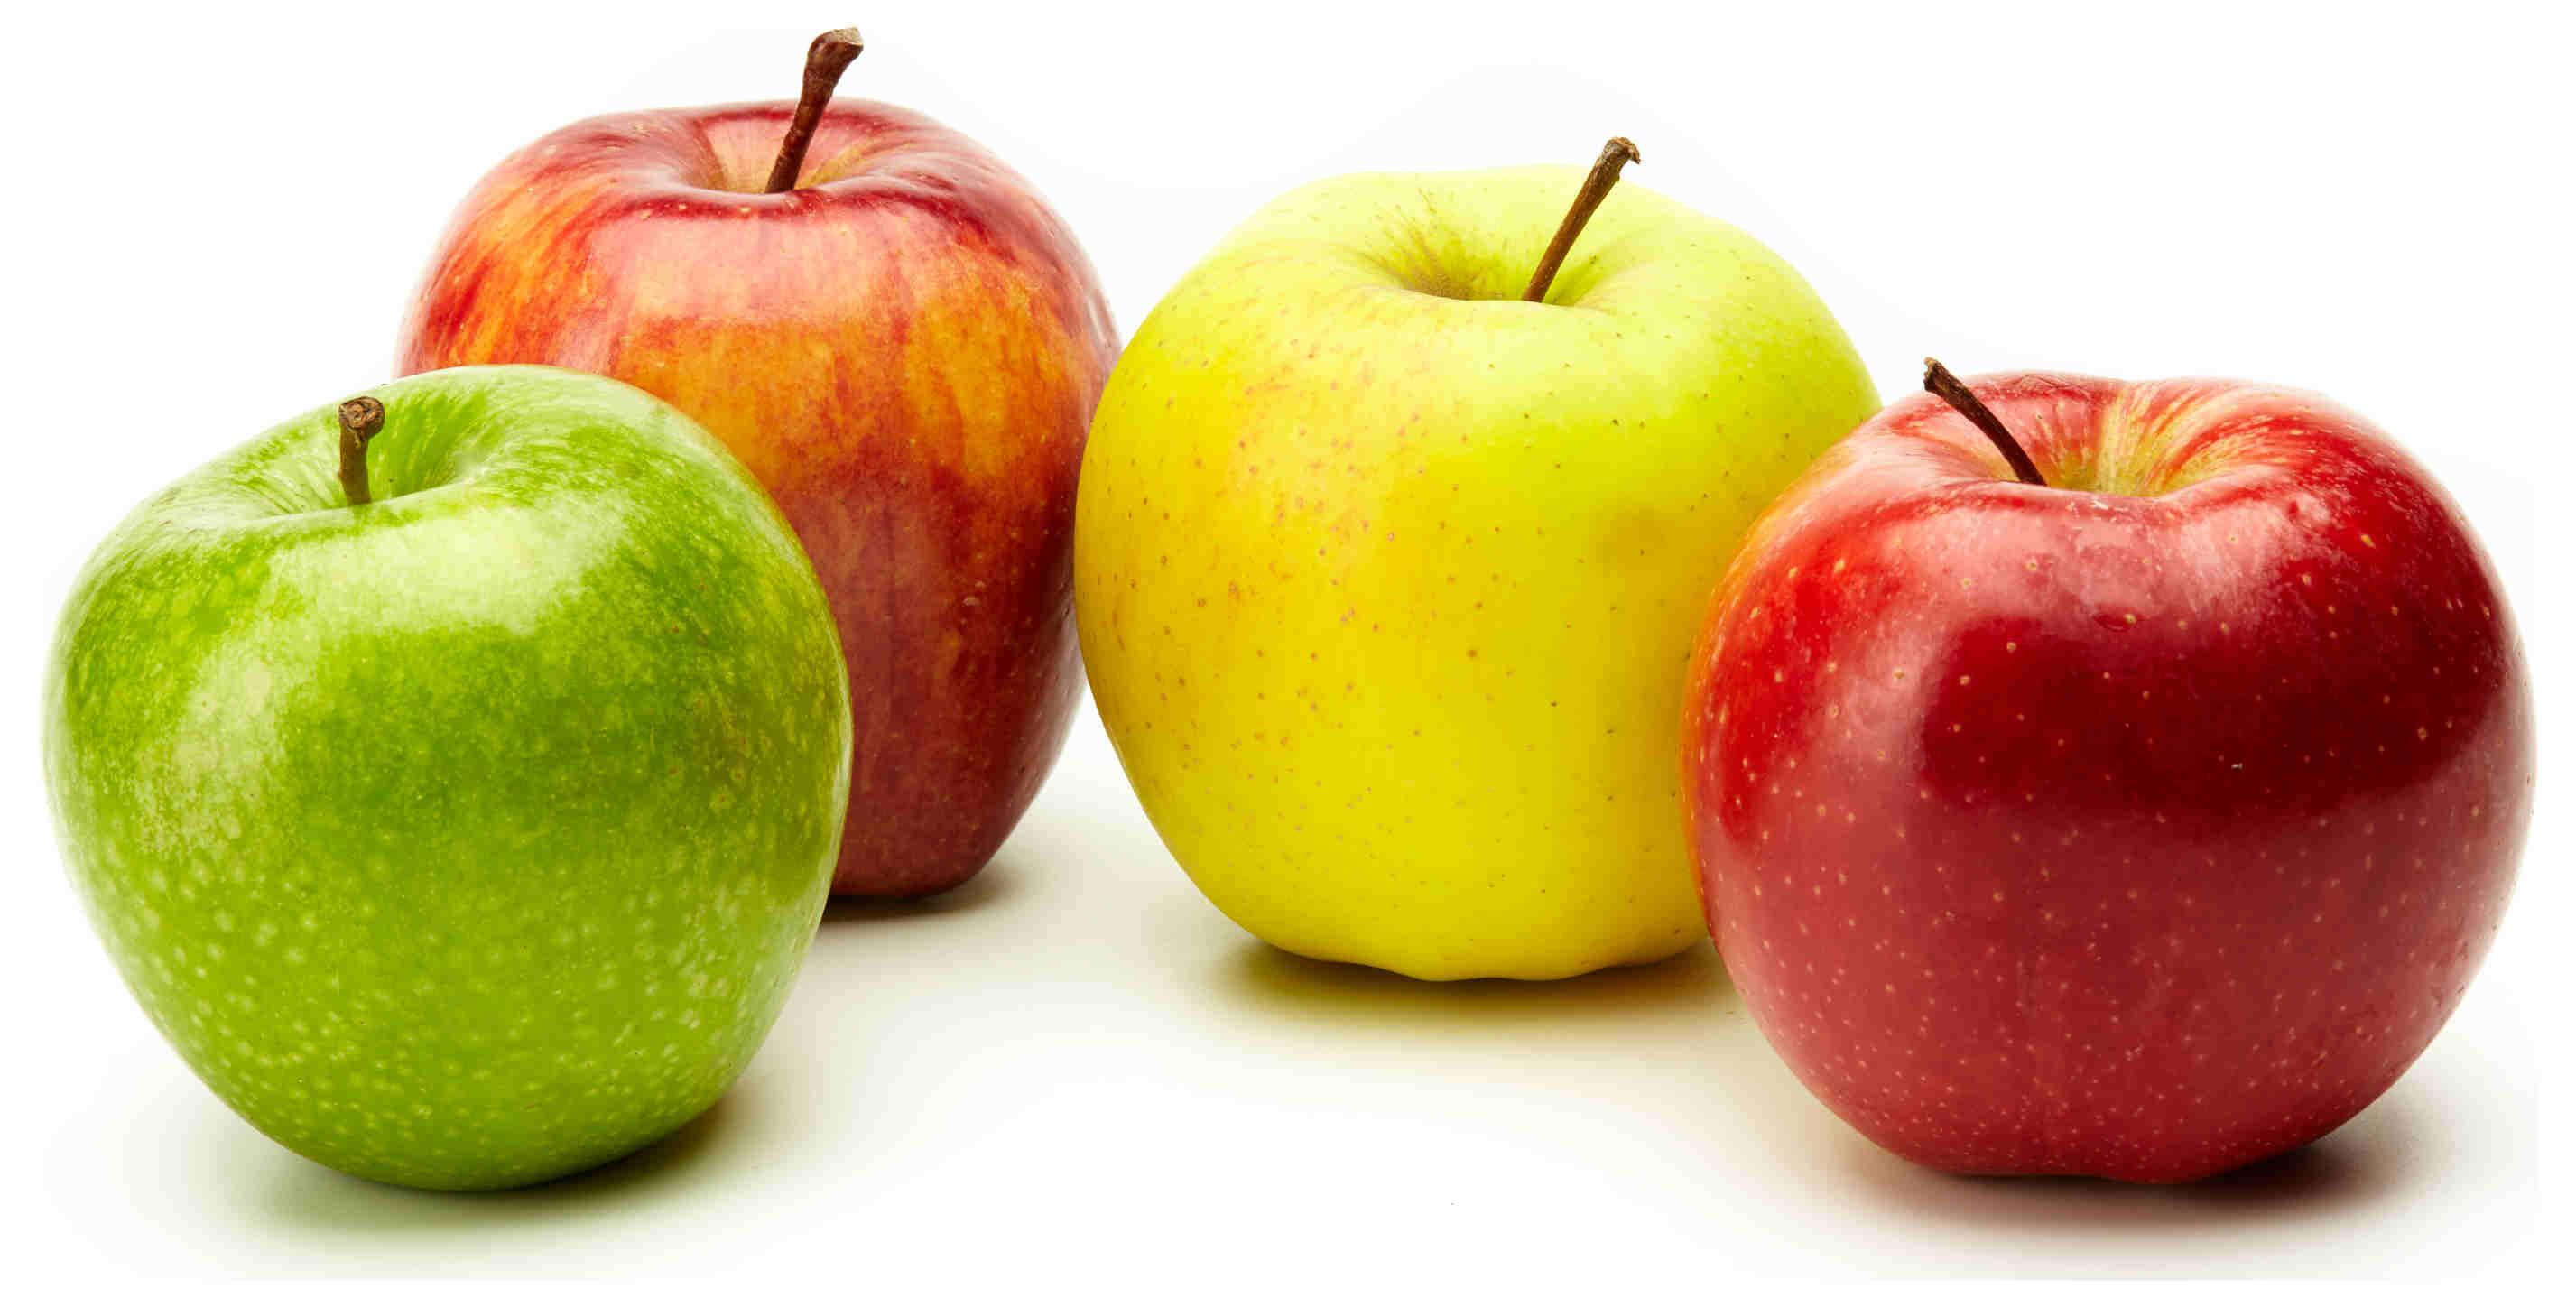 Manzanas envasado y comercializaci n sener fruitt rubitar - Pure de castanas y manzana ...